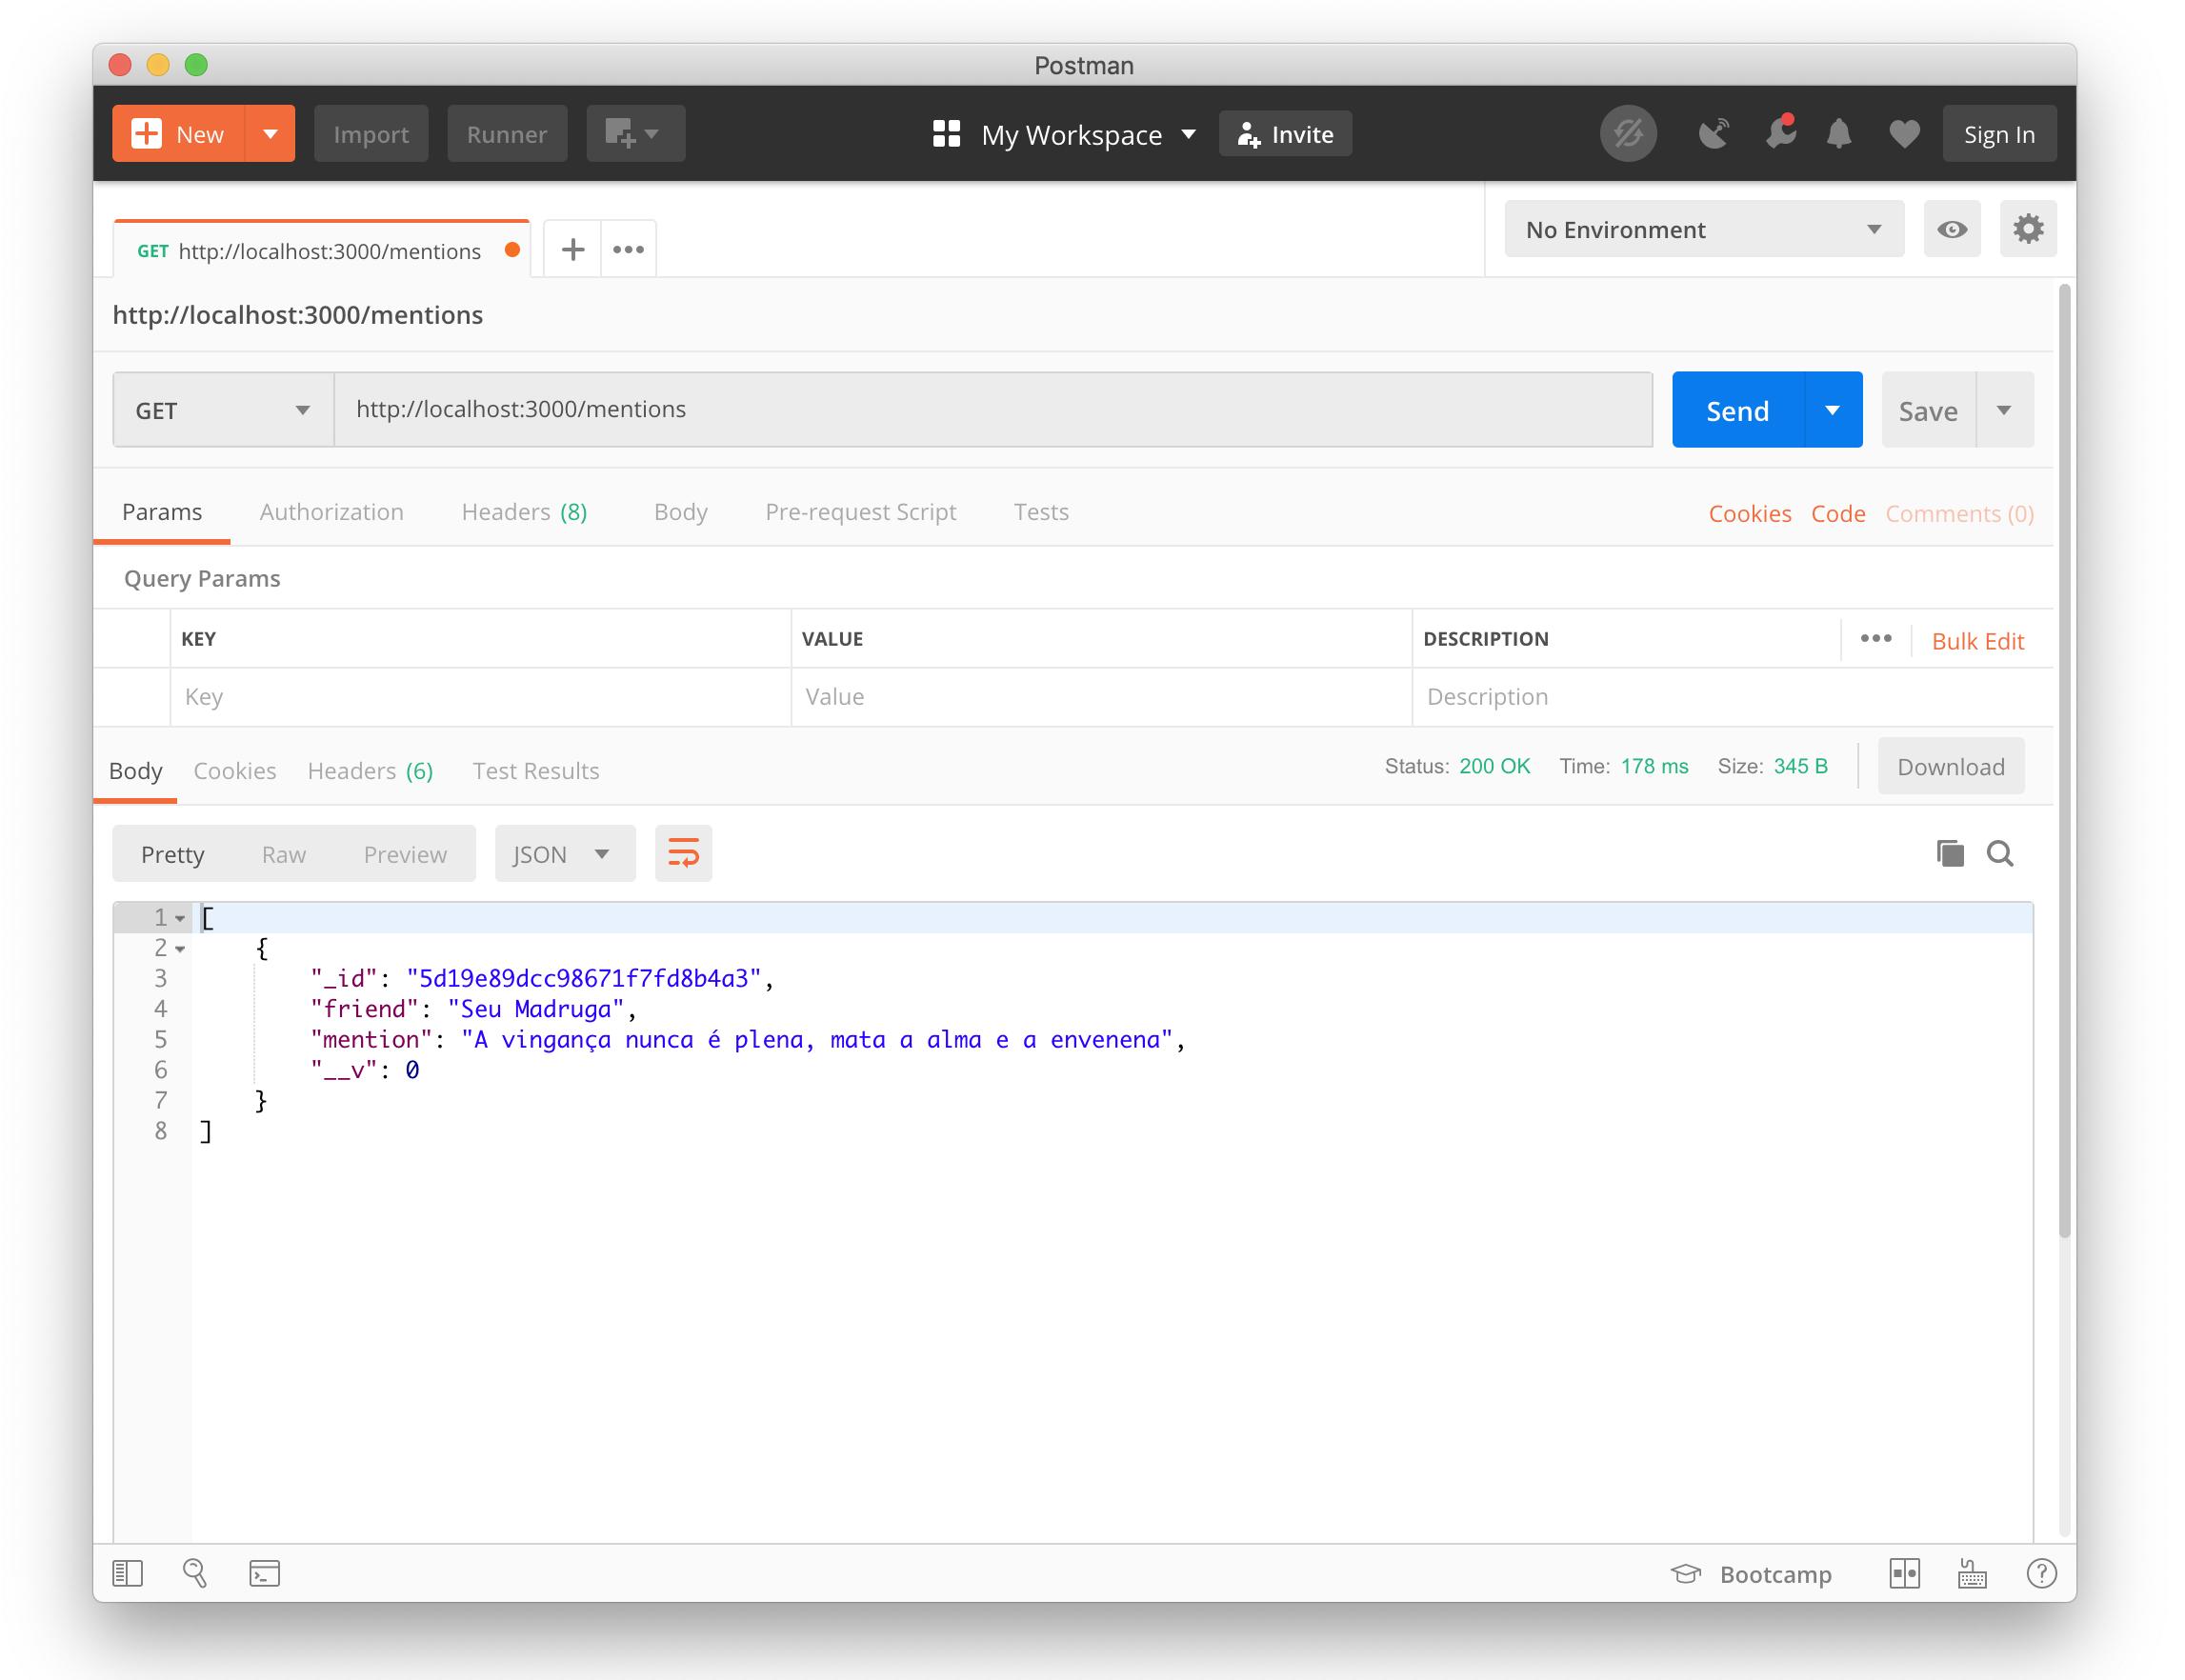 Imagem do Postman com o retorno OK da API